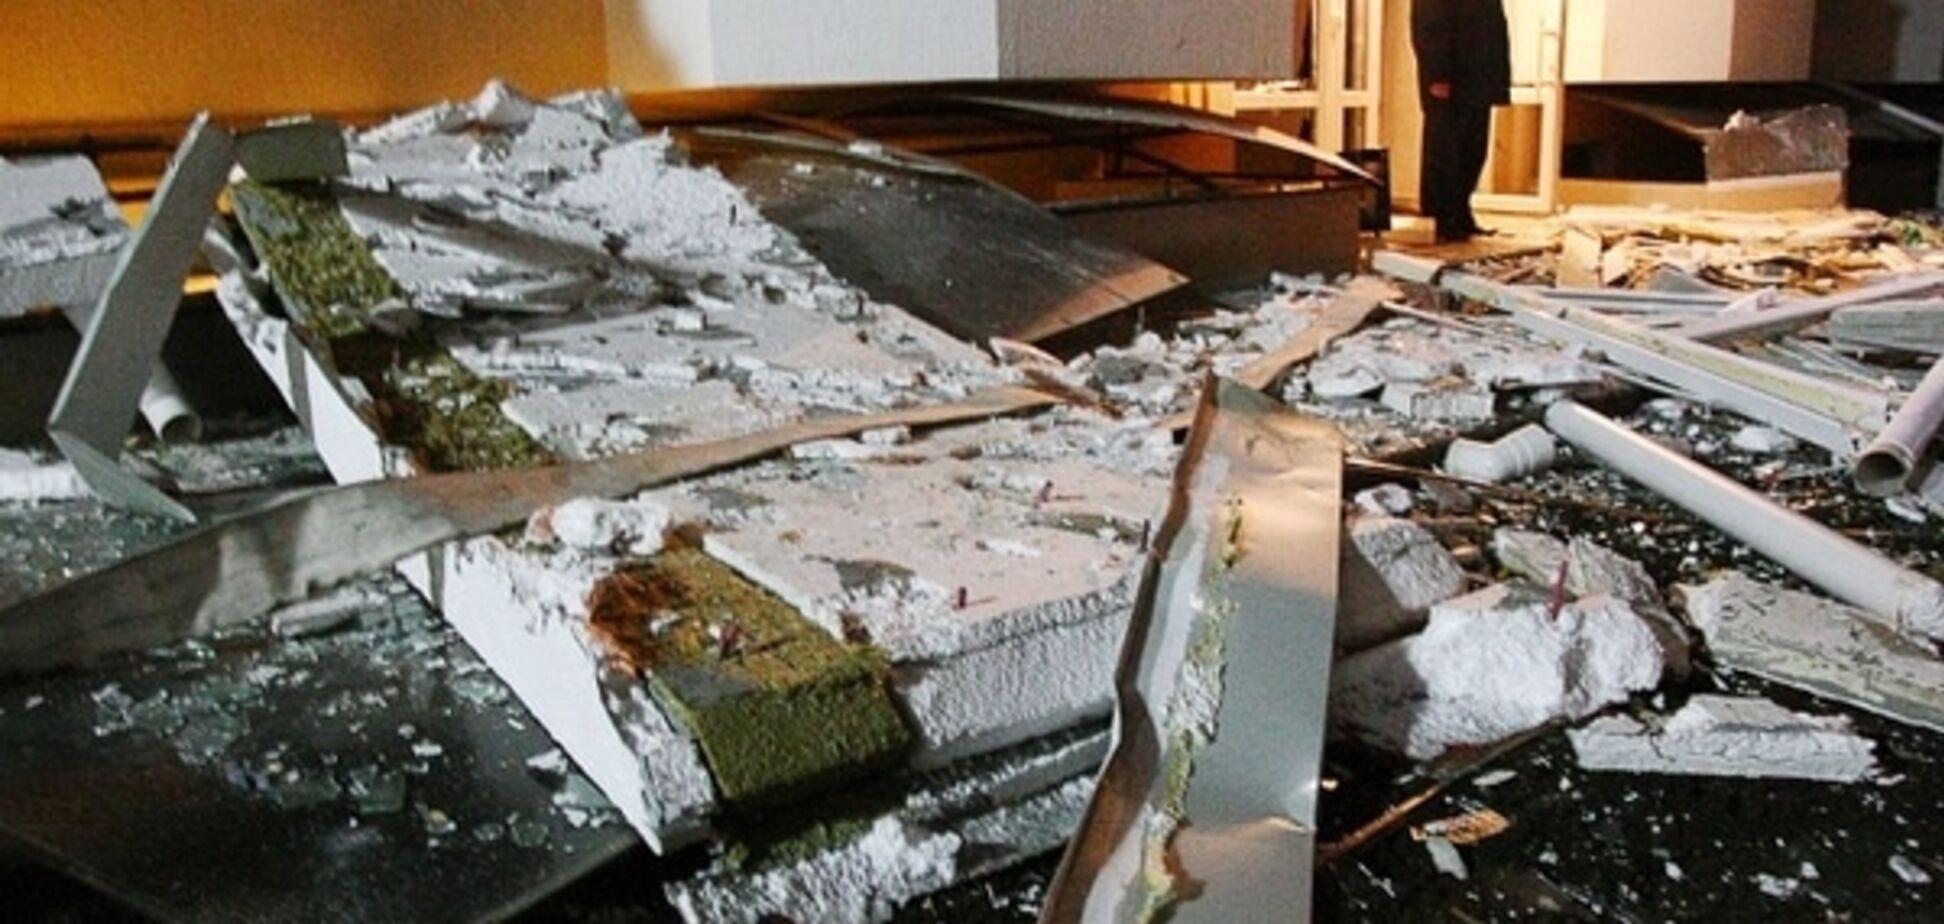 Симферополь оглушил мощный взрыв, есть погибший: фоторепортаж